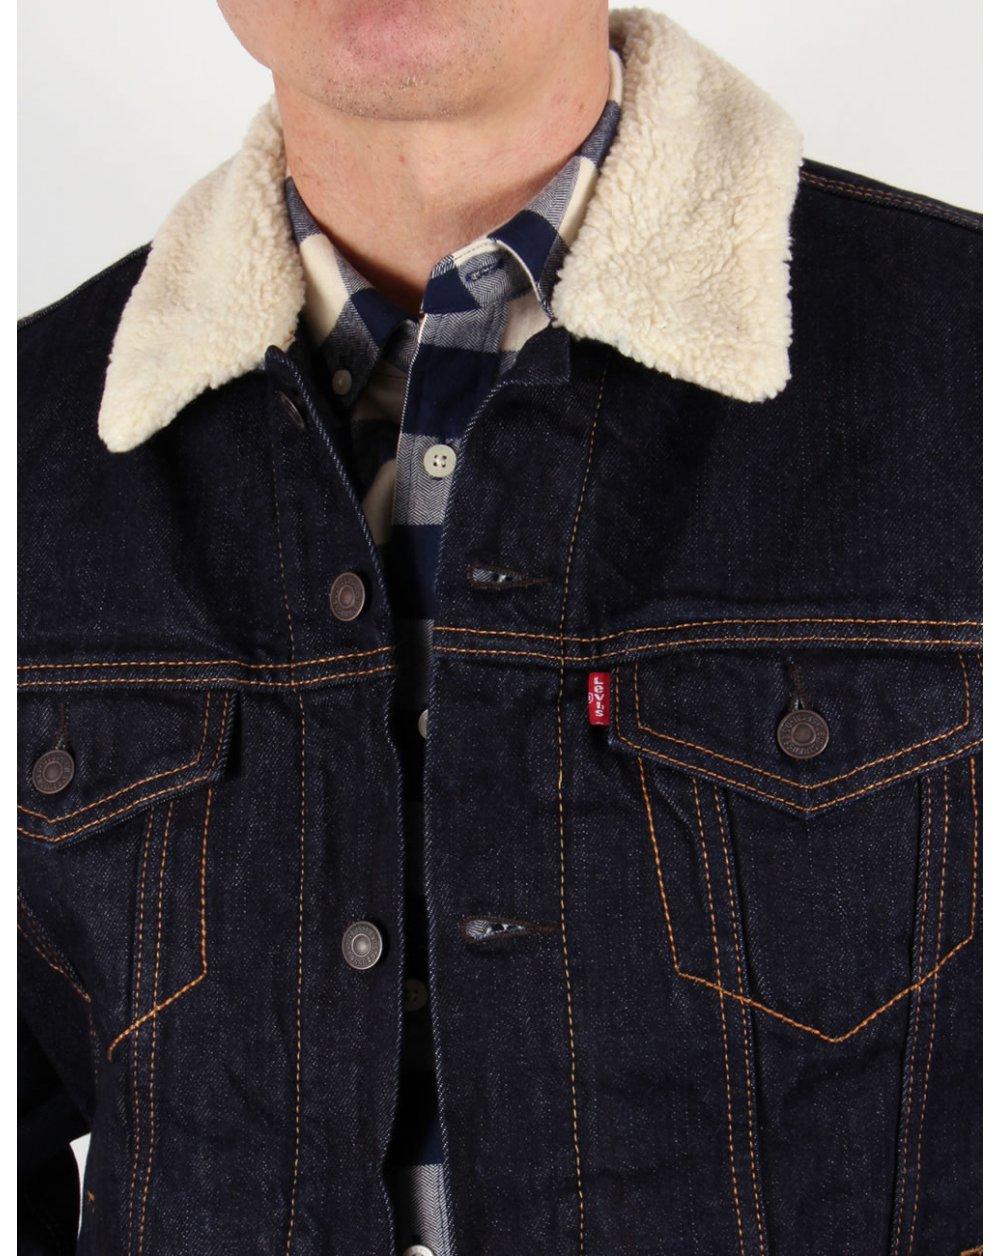 levis sherpa trucker jacket dark denim mens jeans coat. Black Bedroom Furniture Sets. Home Design Ideas